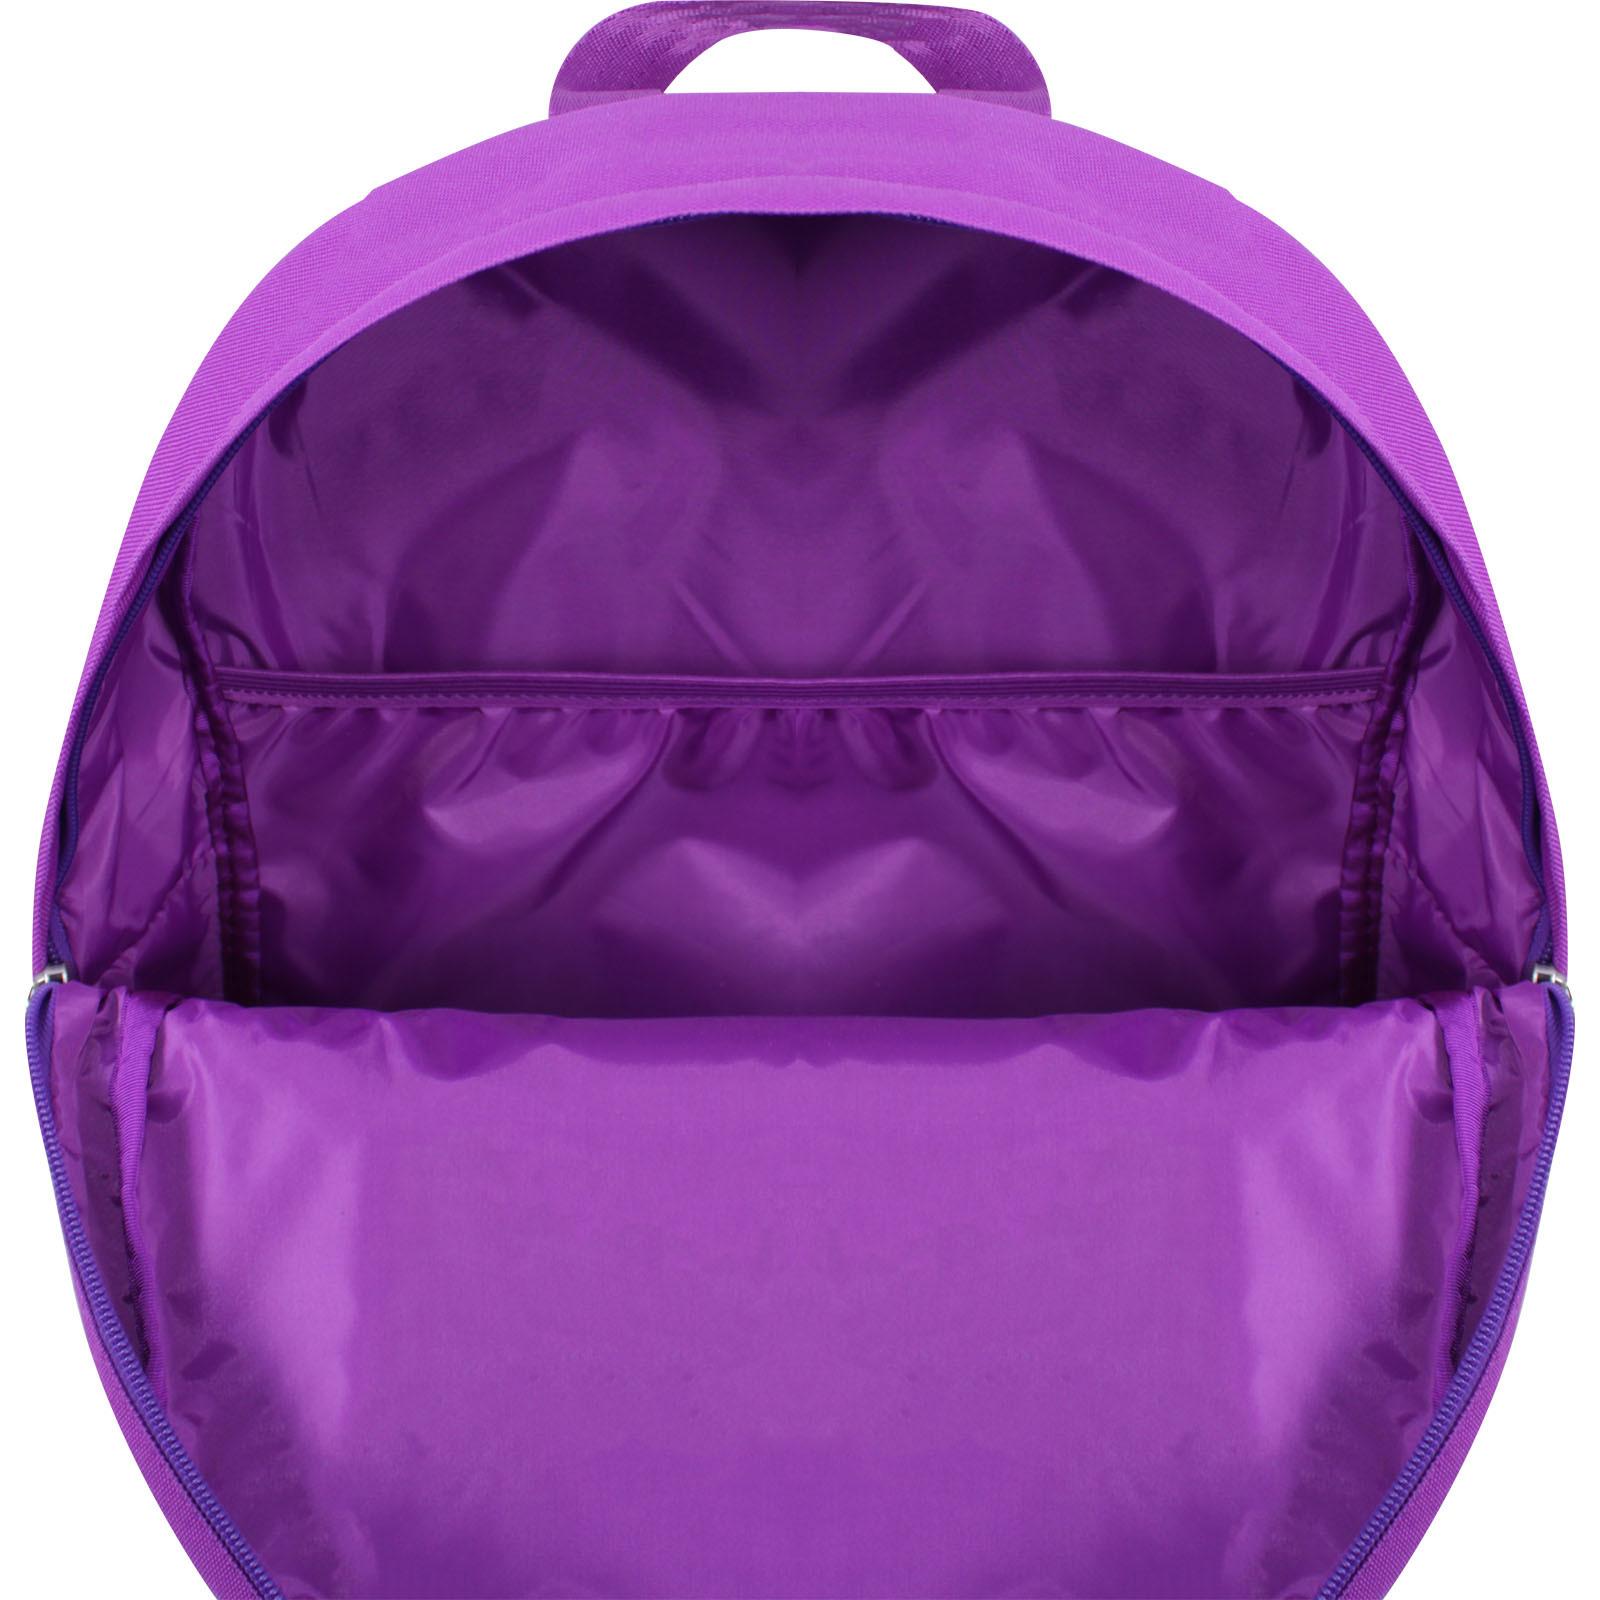 Рюкзак Bagland Молодежный W/R 17 л. 170 Фиолетовый 770 (00533662) фото 5